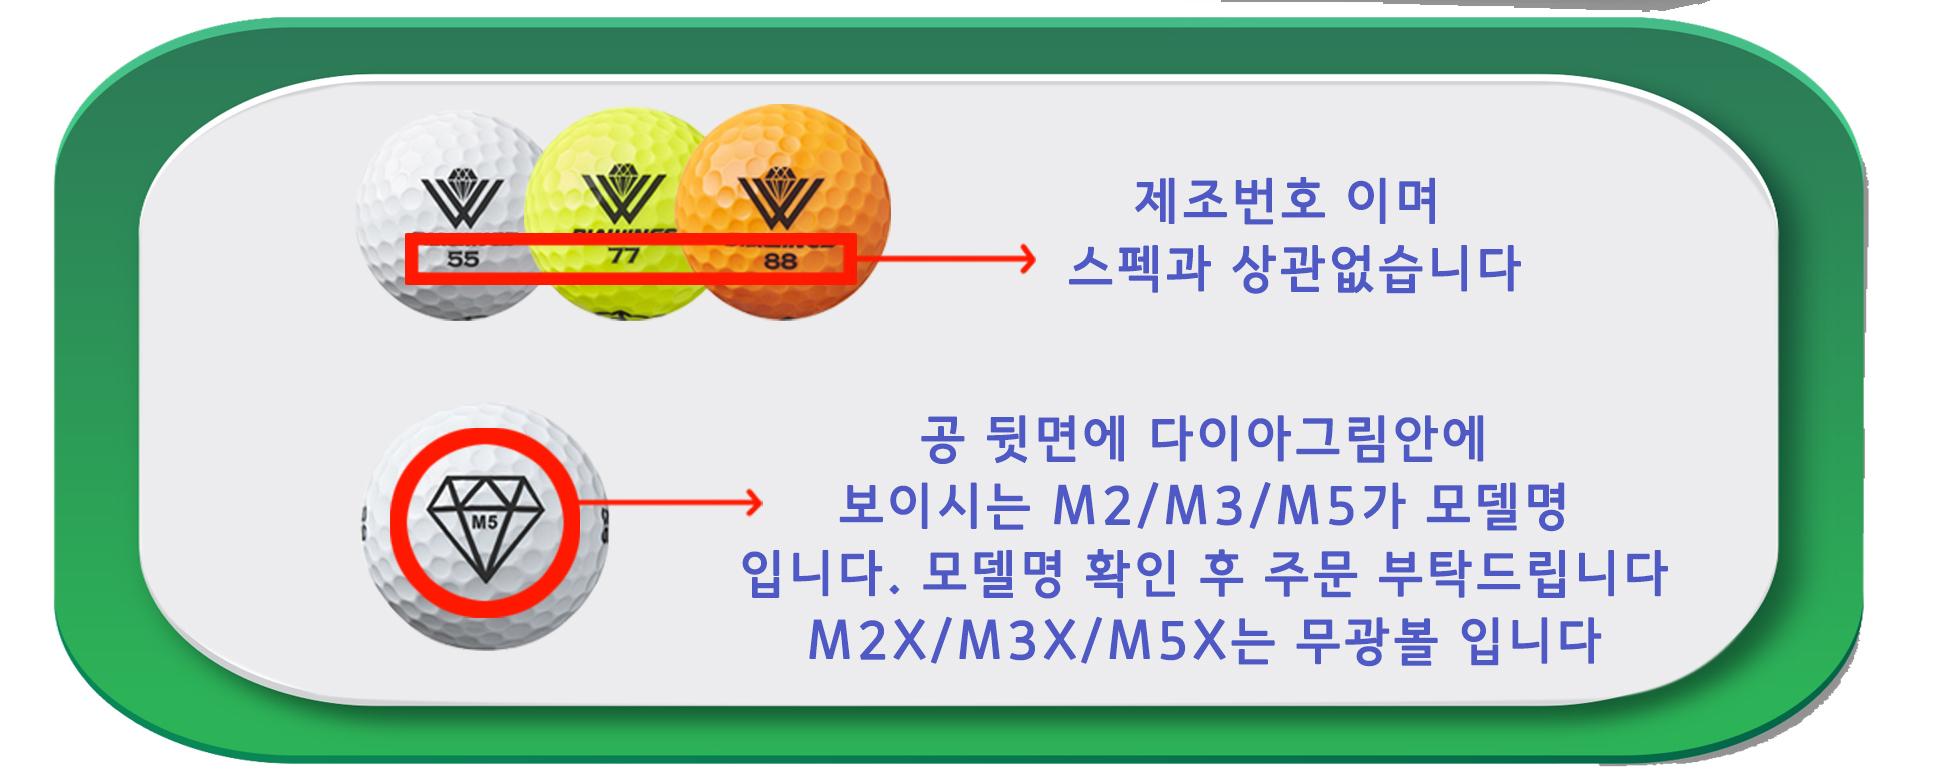 be56141900e4f734558d9051e3c11bf7_1598407378_6955.jpg